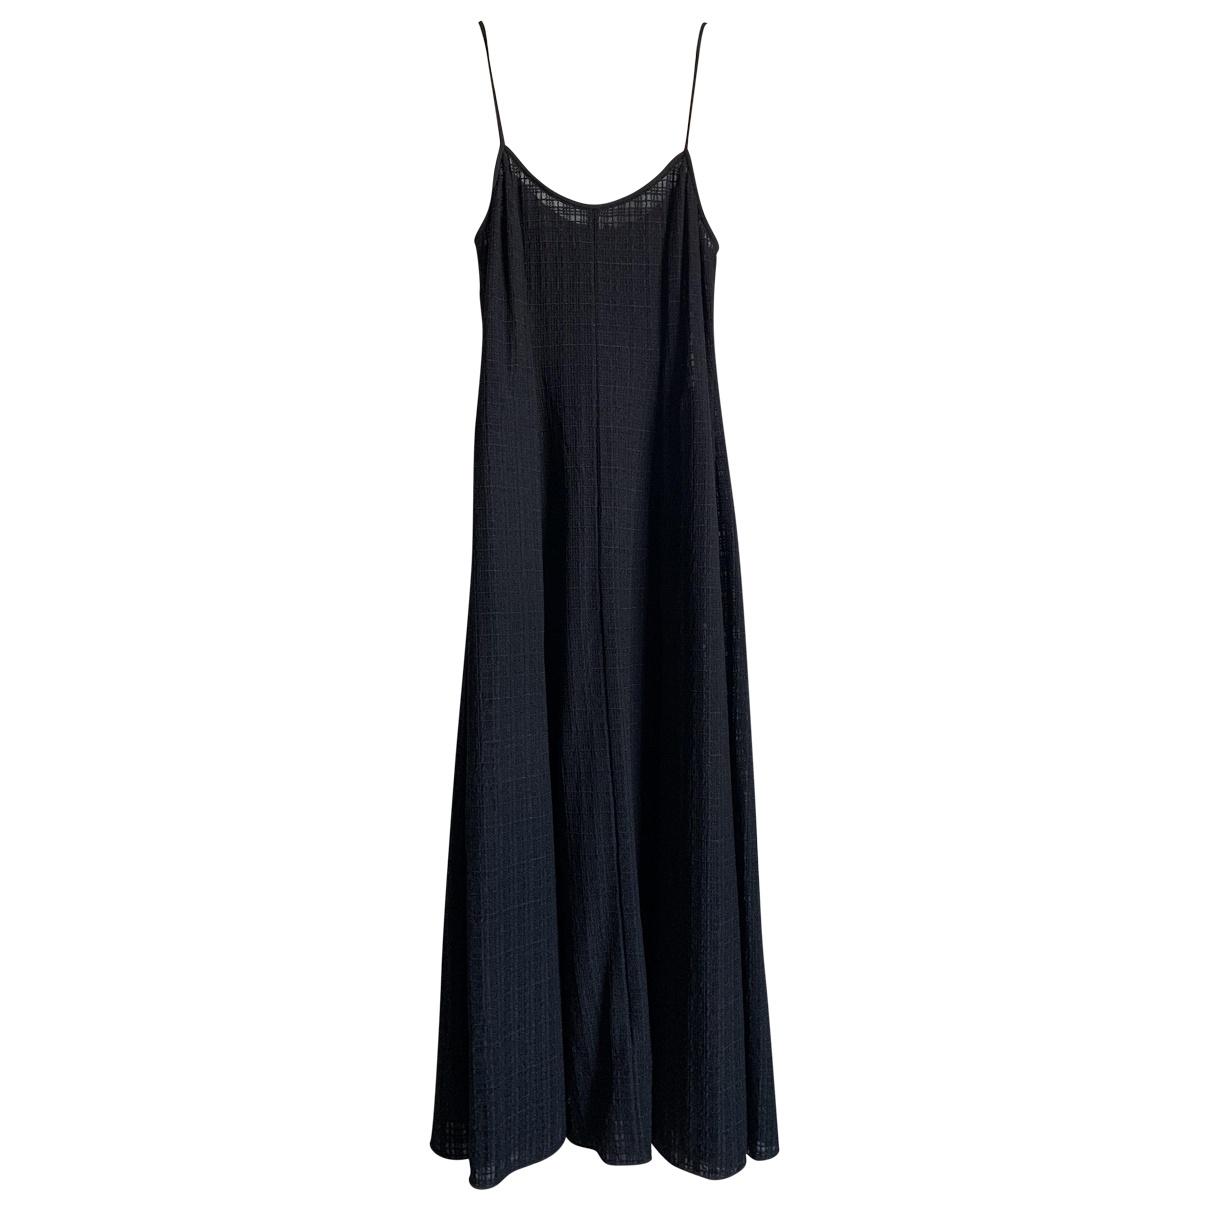 Giorgio Armani \N Kleid in  Blau Polyester